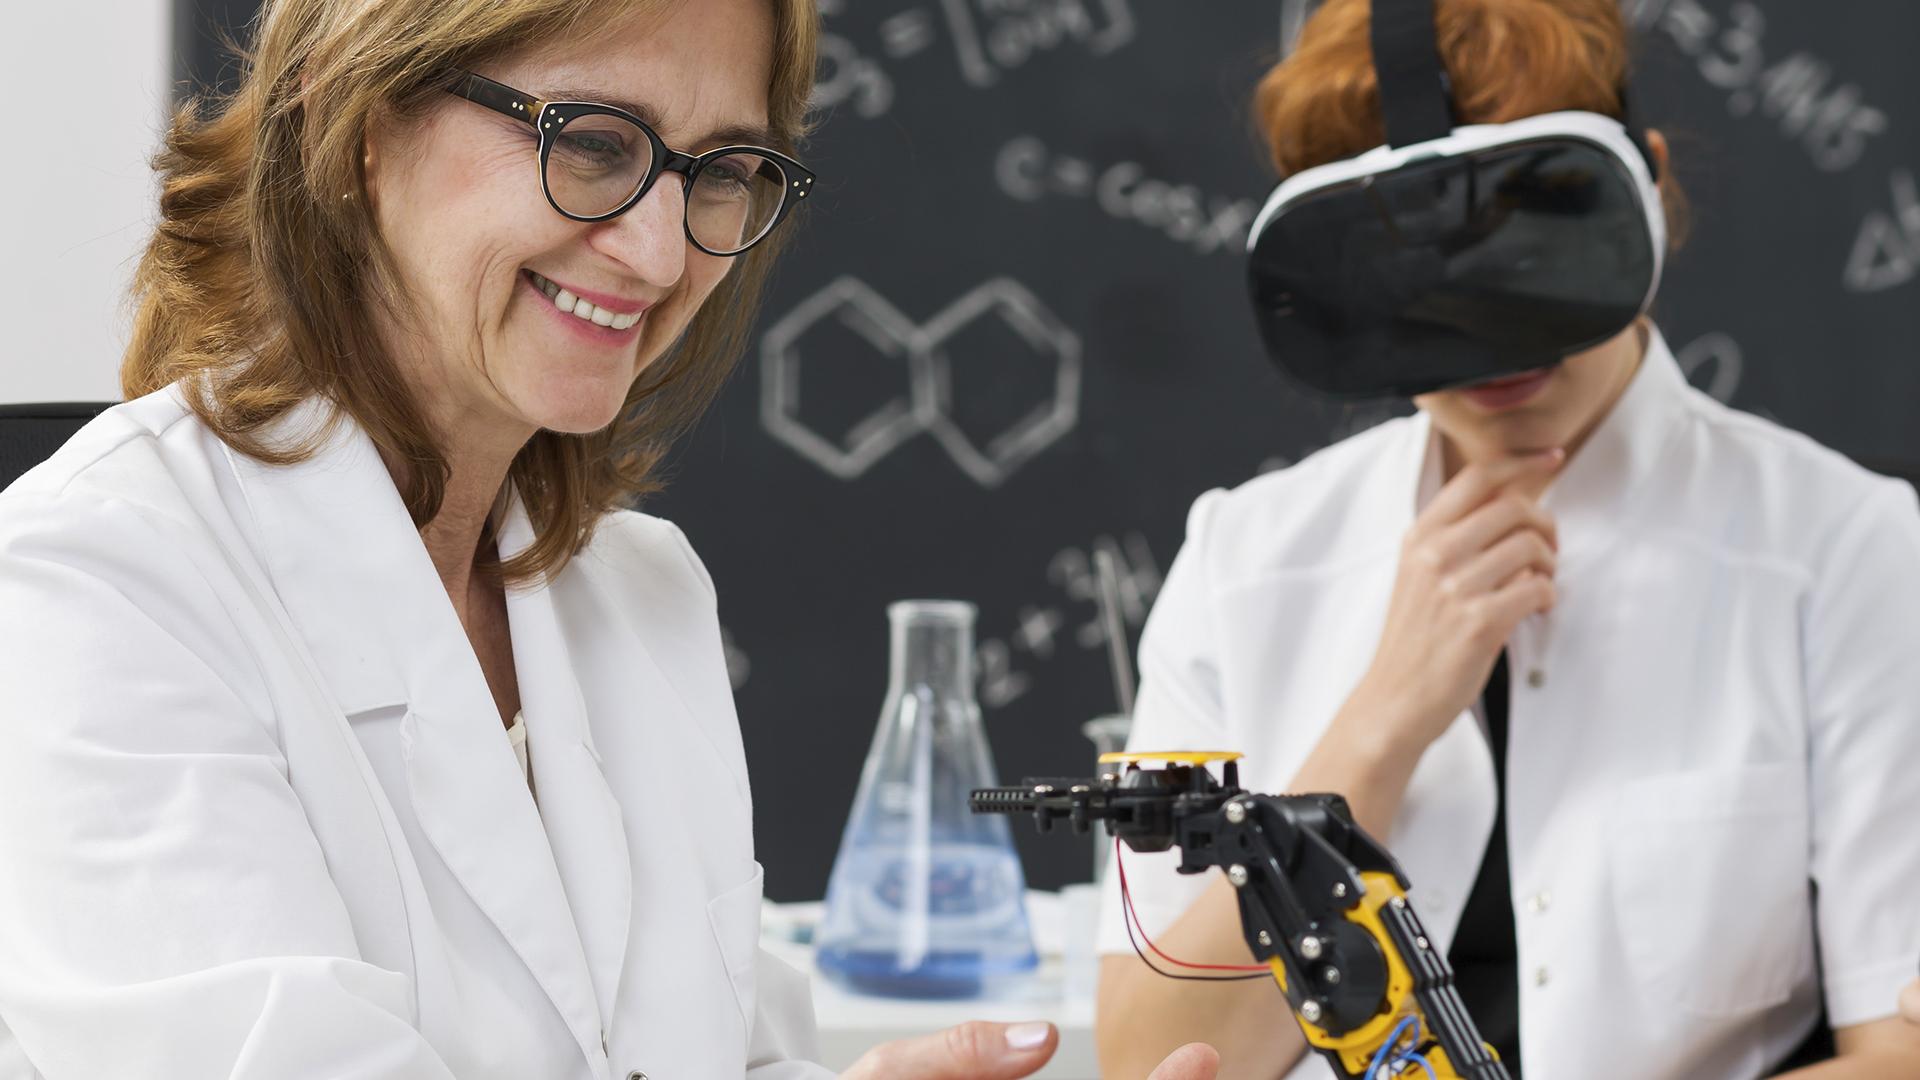 Formación VR científica y tecnológica - GrupoAudiovisual